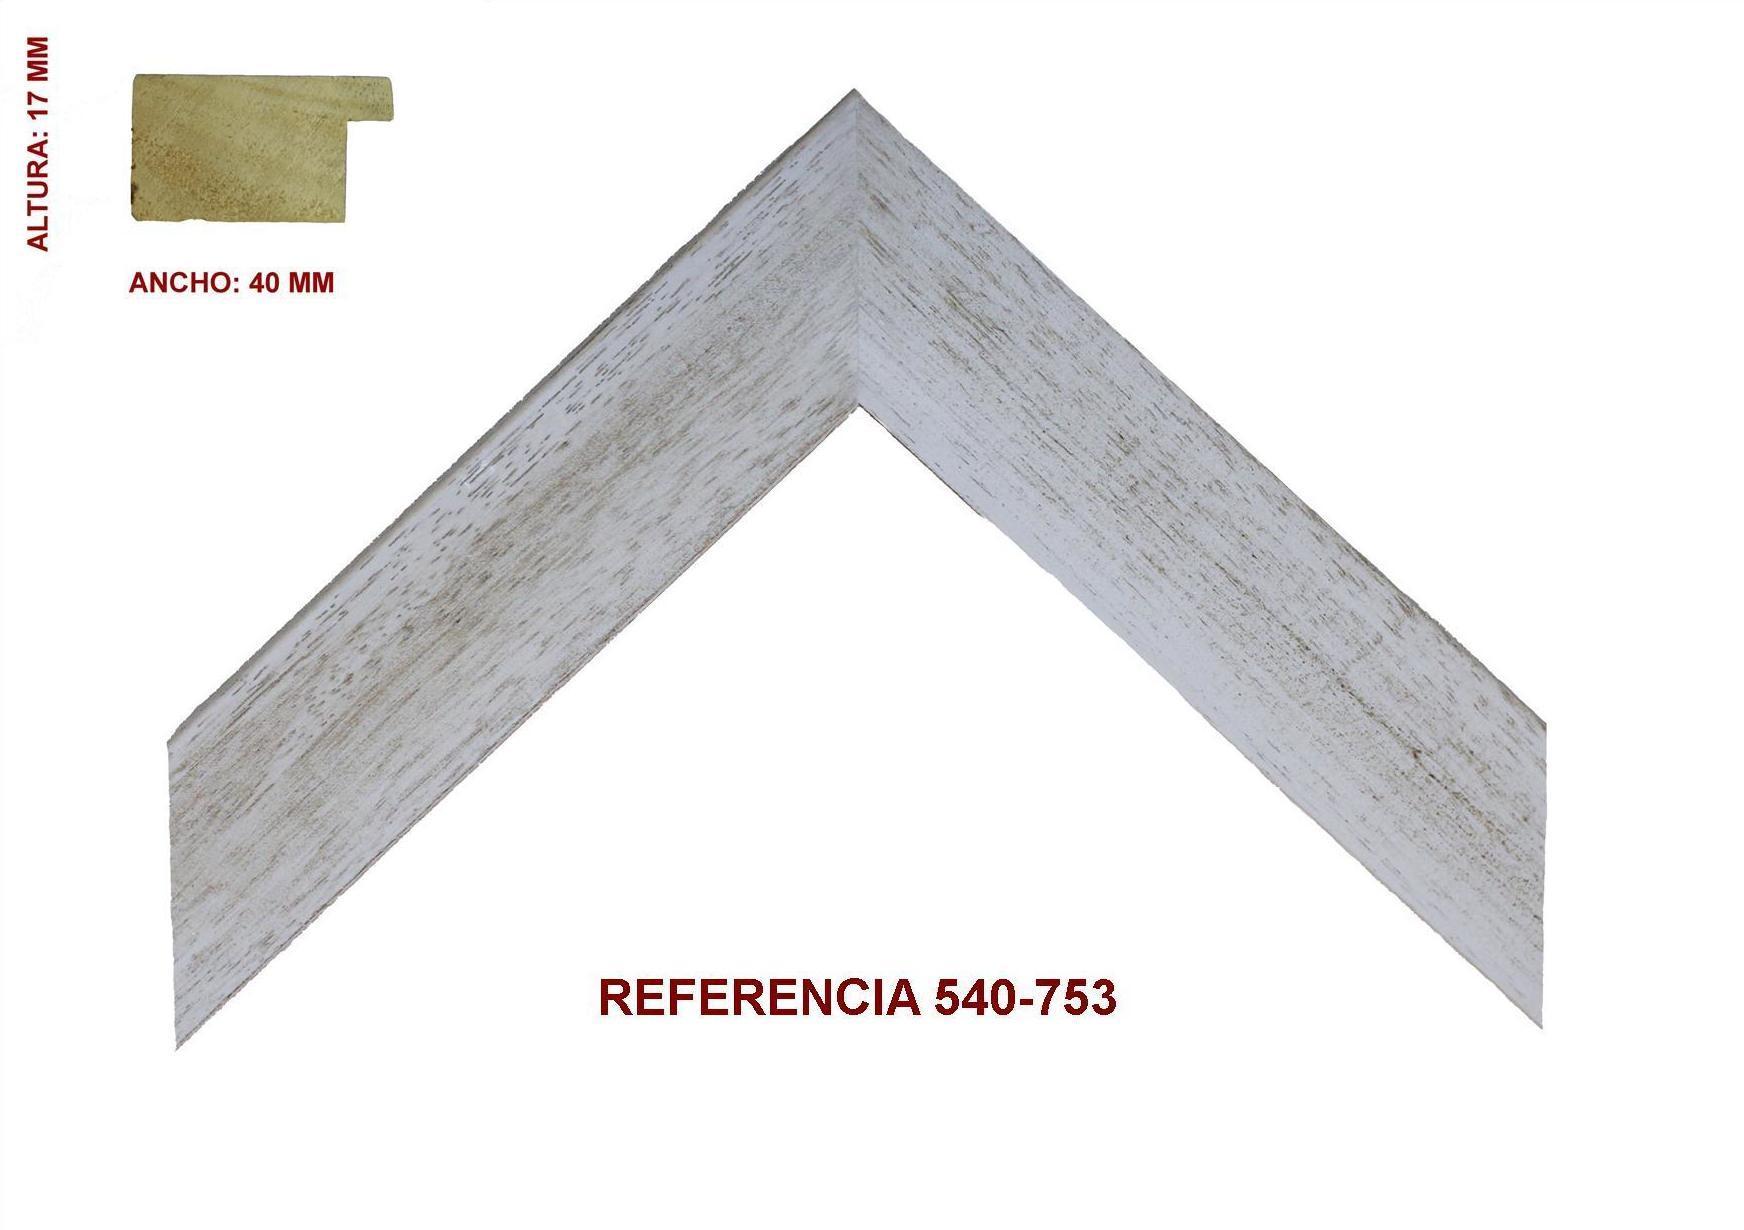 REF 540-753: Muestrario de Moldusevilla